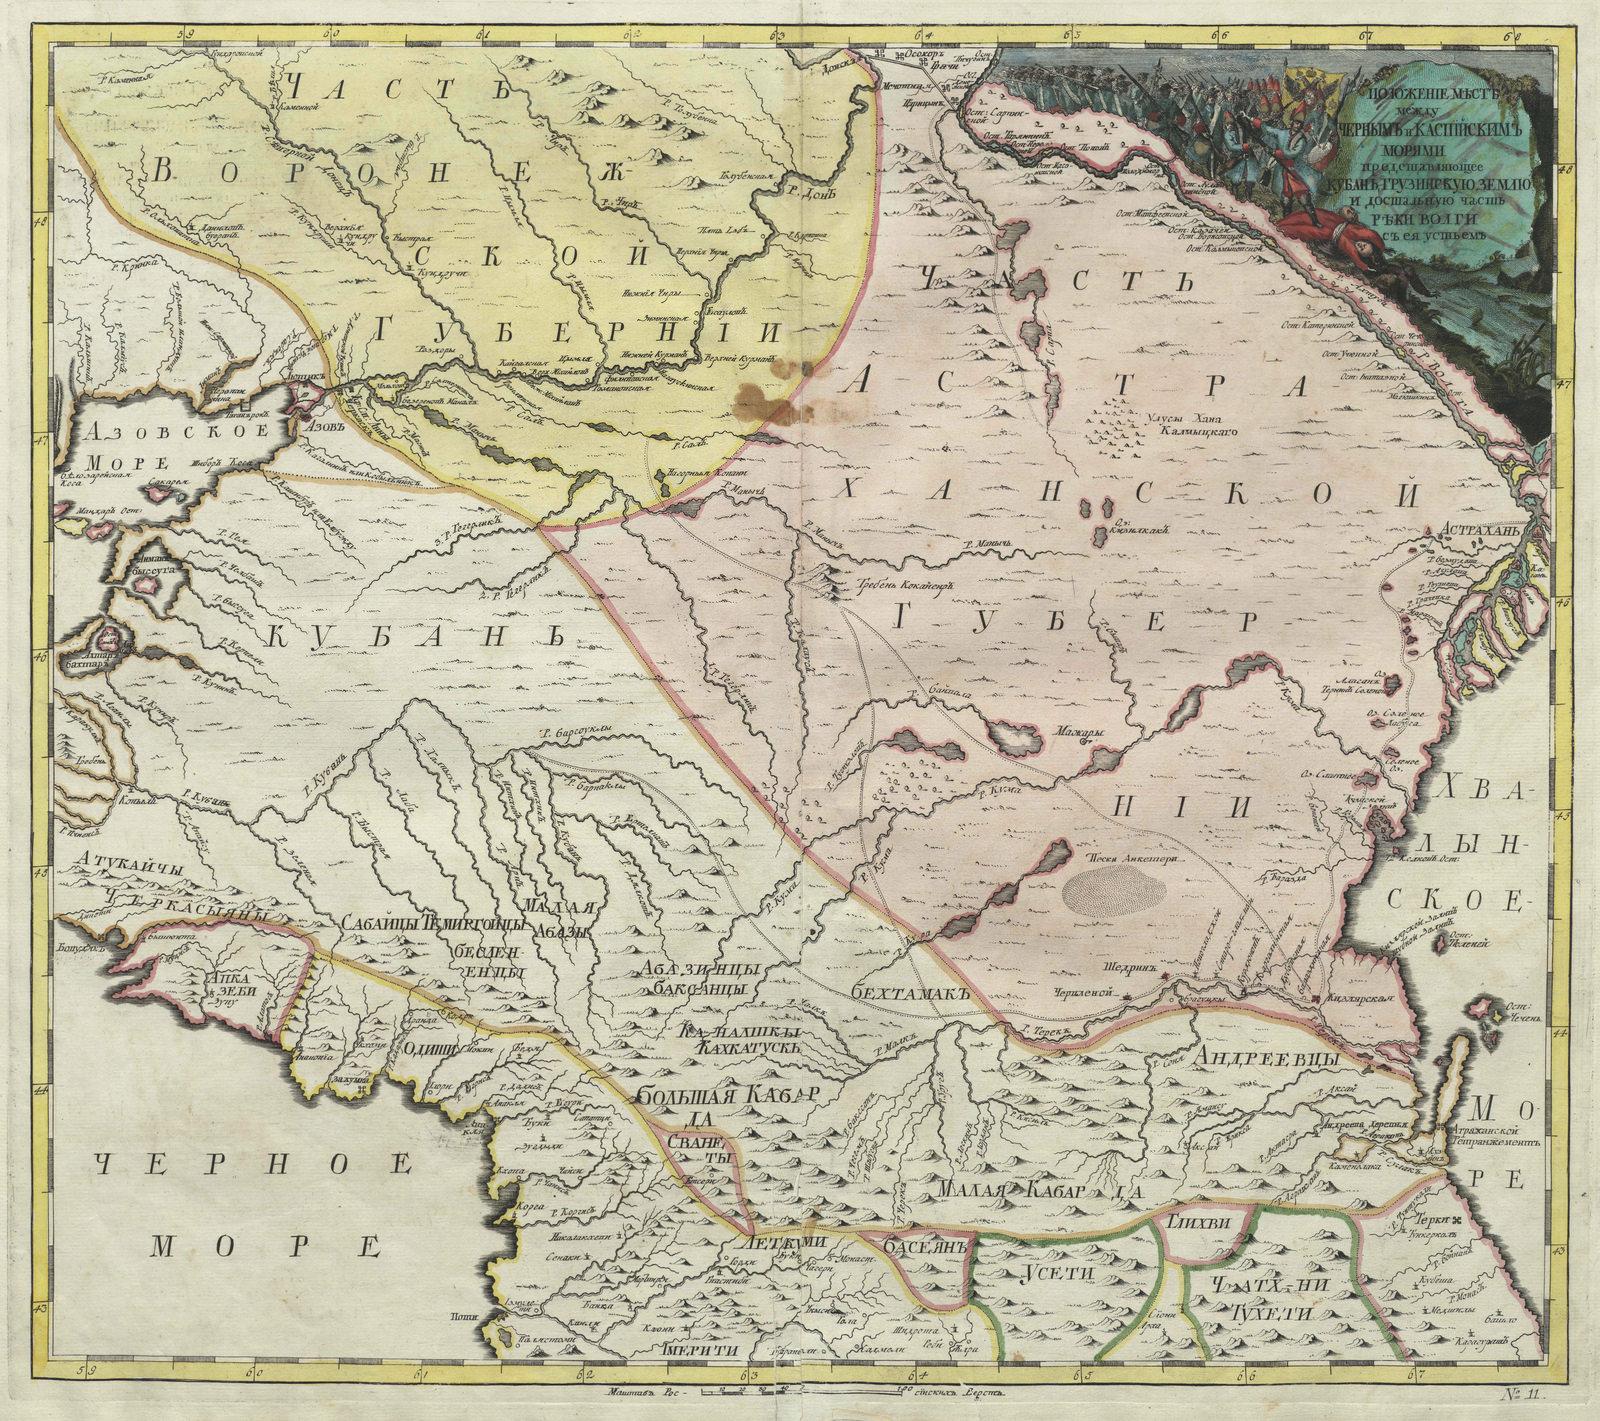 31. Положение мест между Черным и Каспийским морями, представляющее Кубань, Грузинскую землю и остальную часть реки Волги с ее устьем